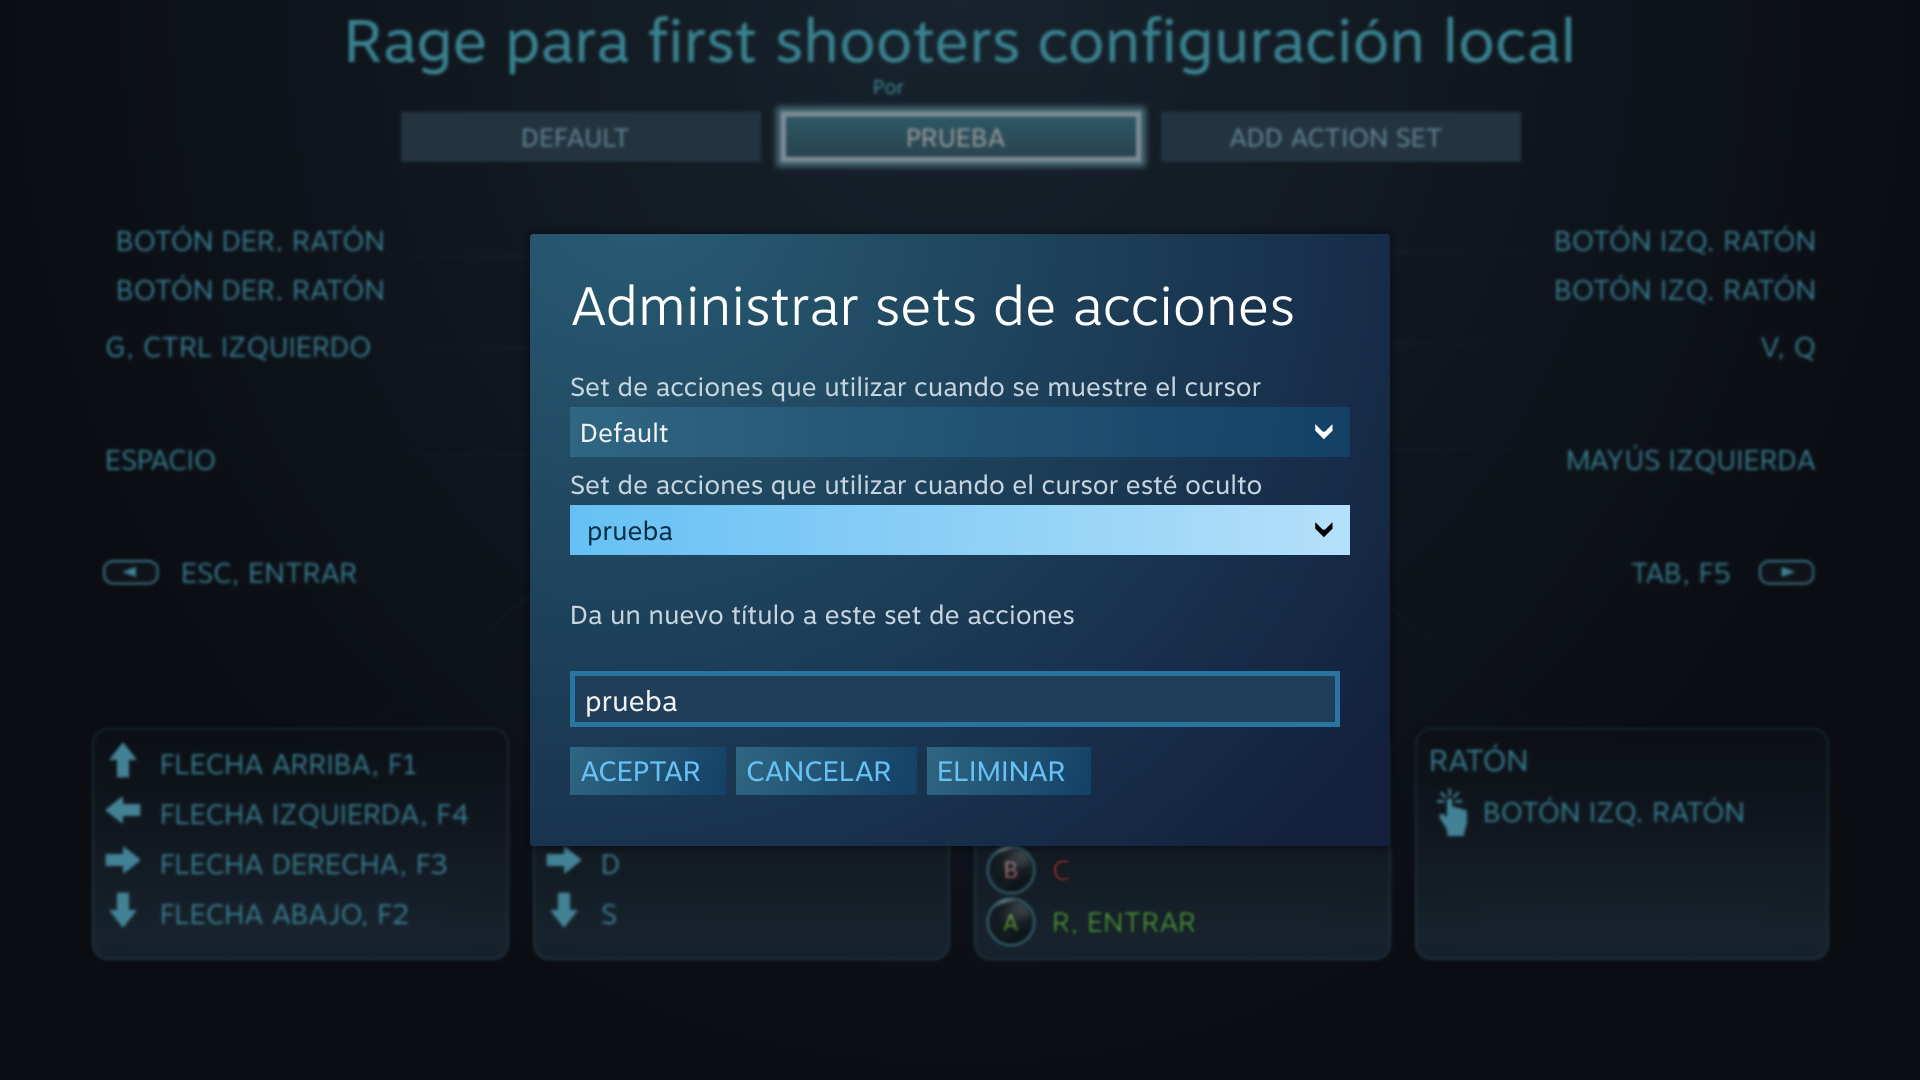 Establecer una configuración en caso de estar mostrándose un cursor en pantalla